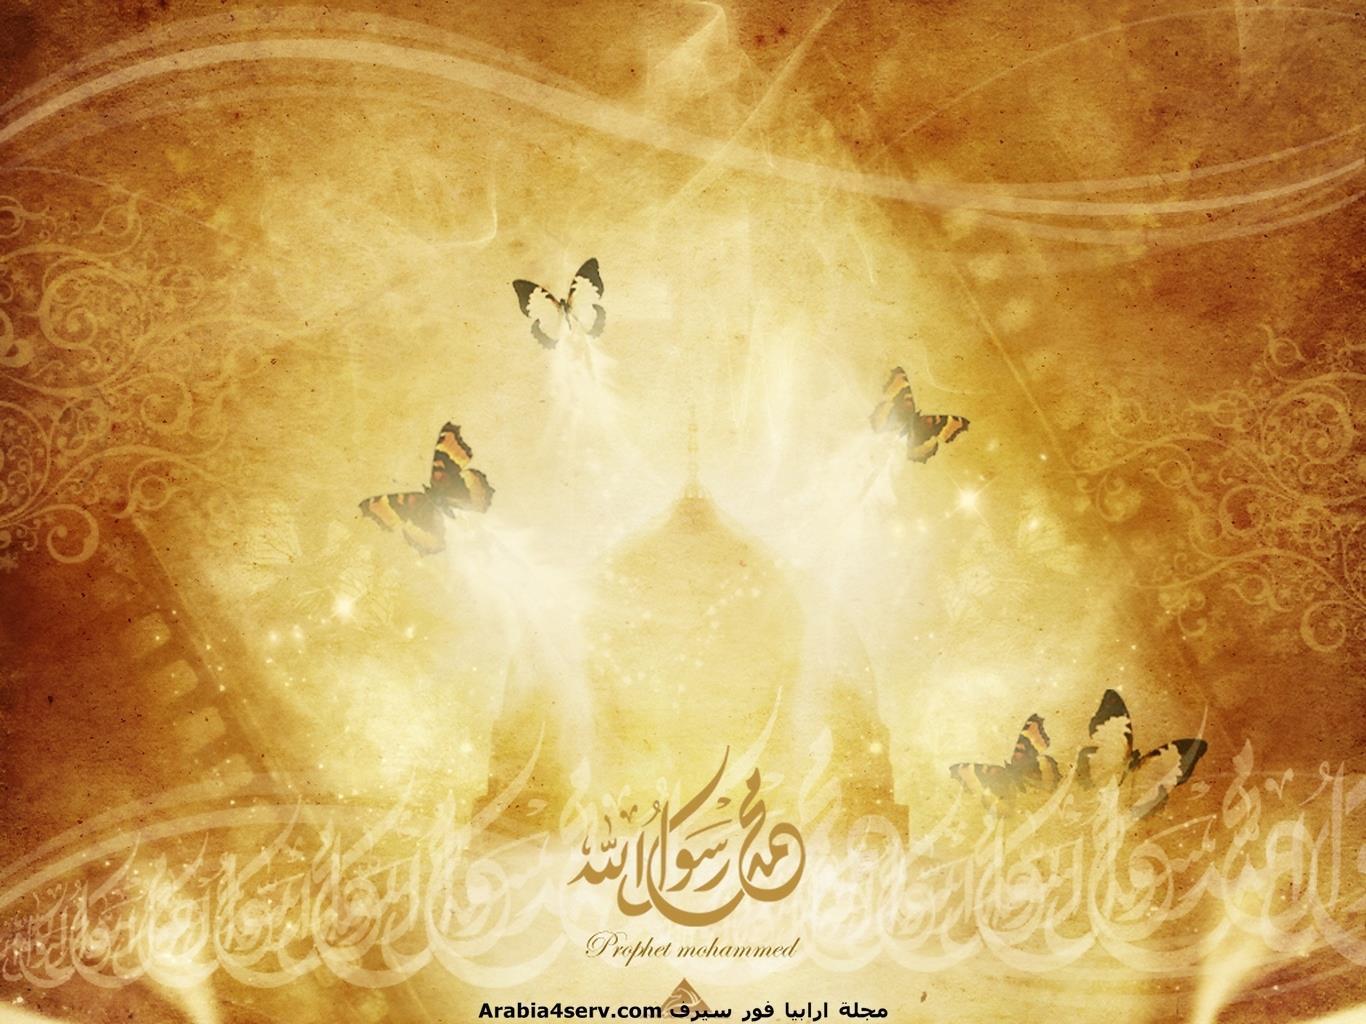 خلفيات-محمد-رسول-الله-1